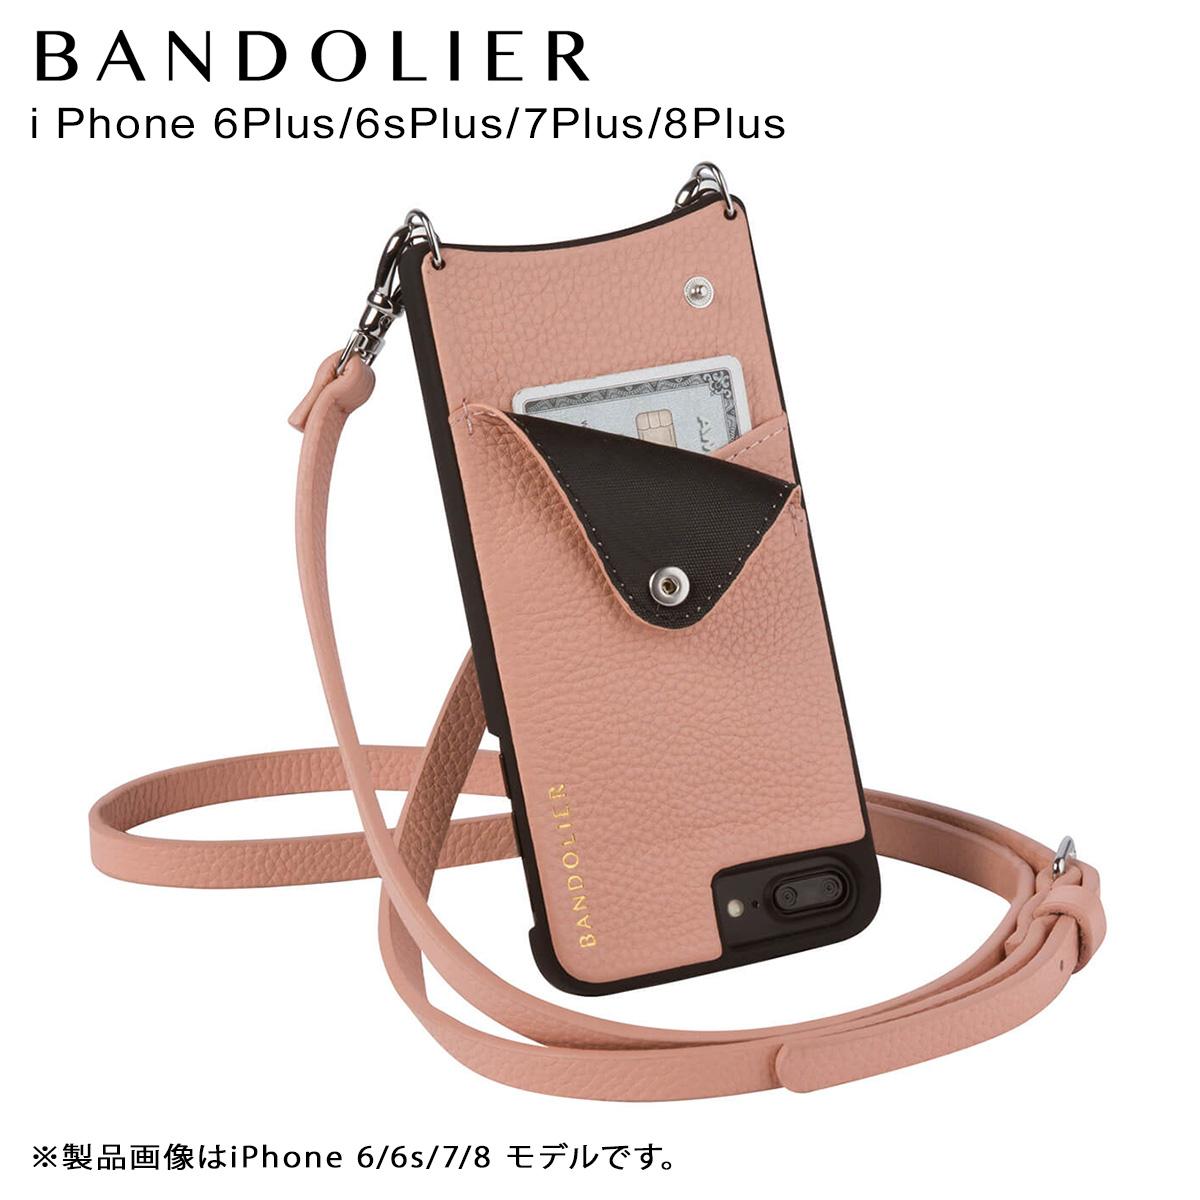 【最大2000円OFFクーポン】 BANDOLIER バンドリヤー iPhone8Plus iPhone7Plus 6sPlus ケース スマホ アイフォン プラス EMMA BLUSH メンズ レディース [3/18 再入荷]